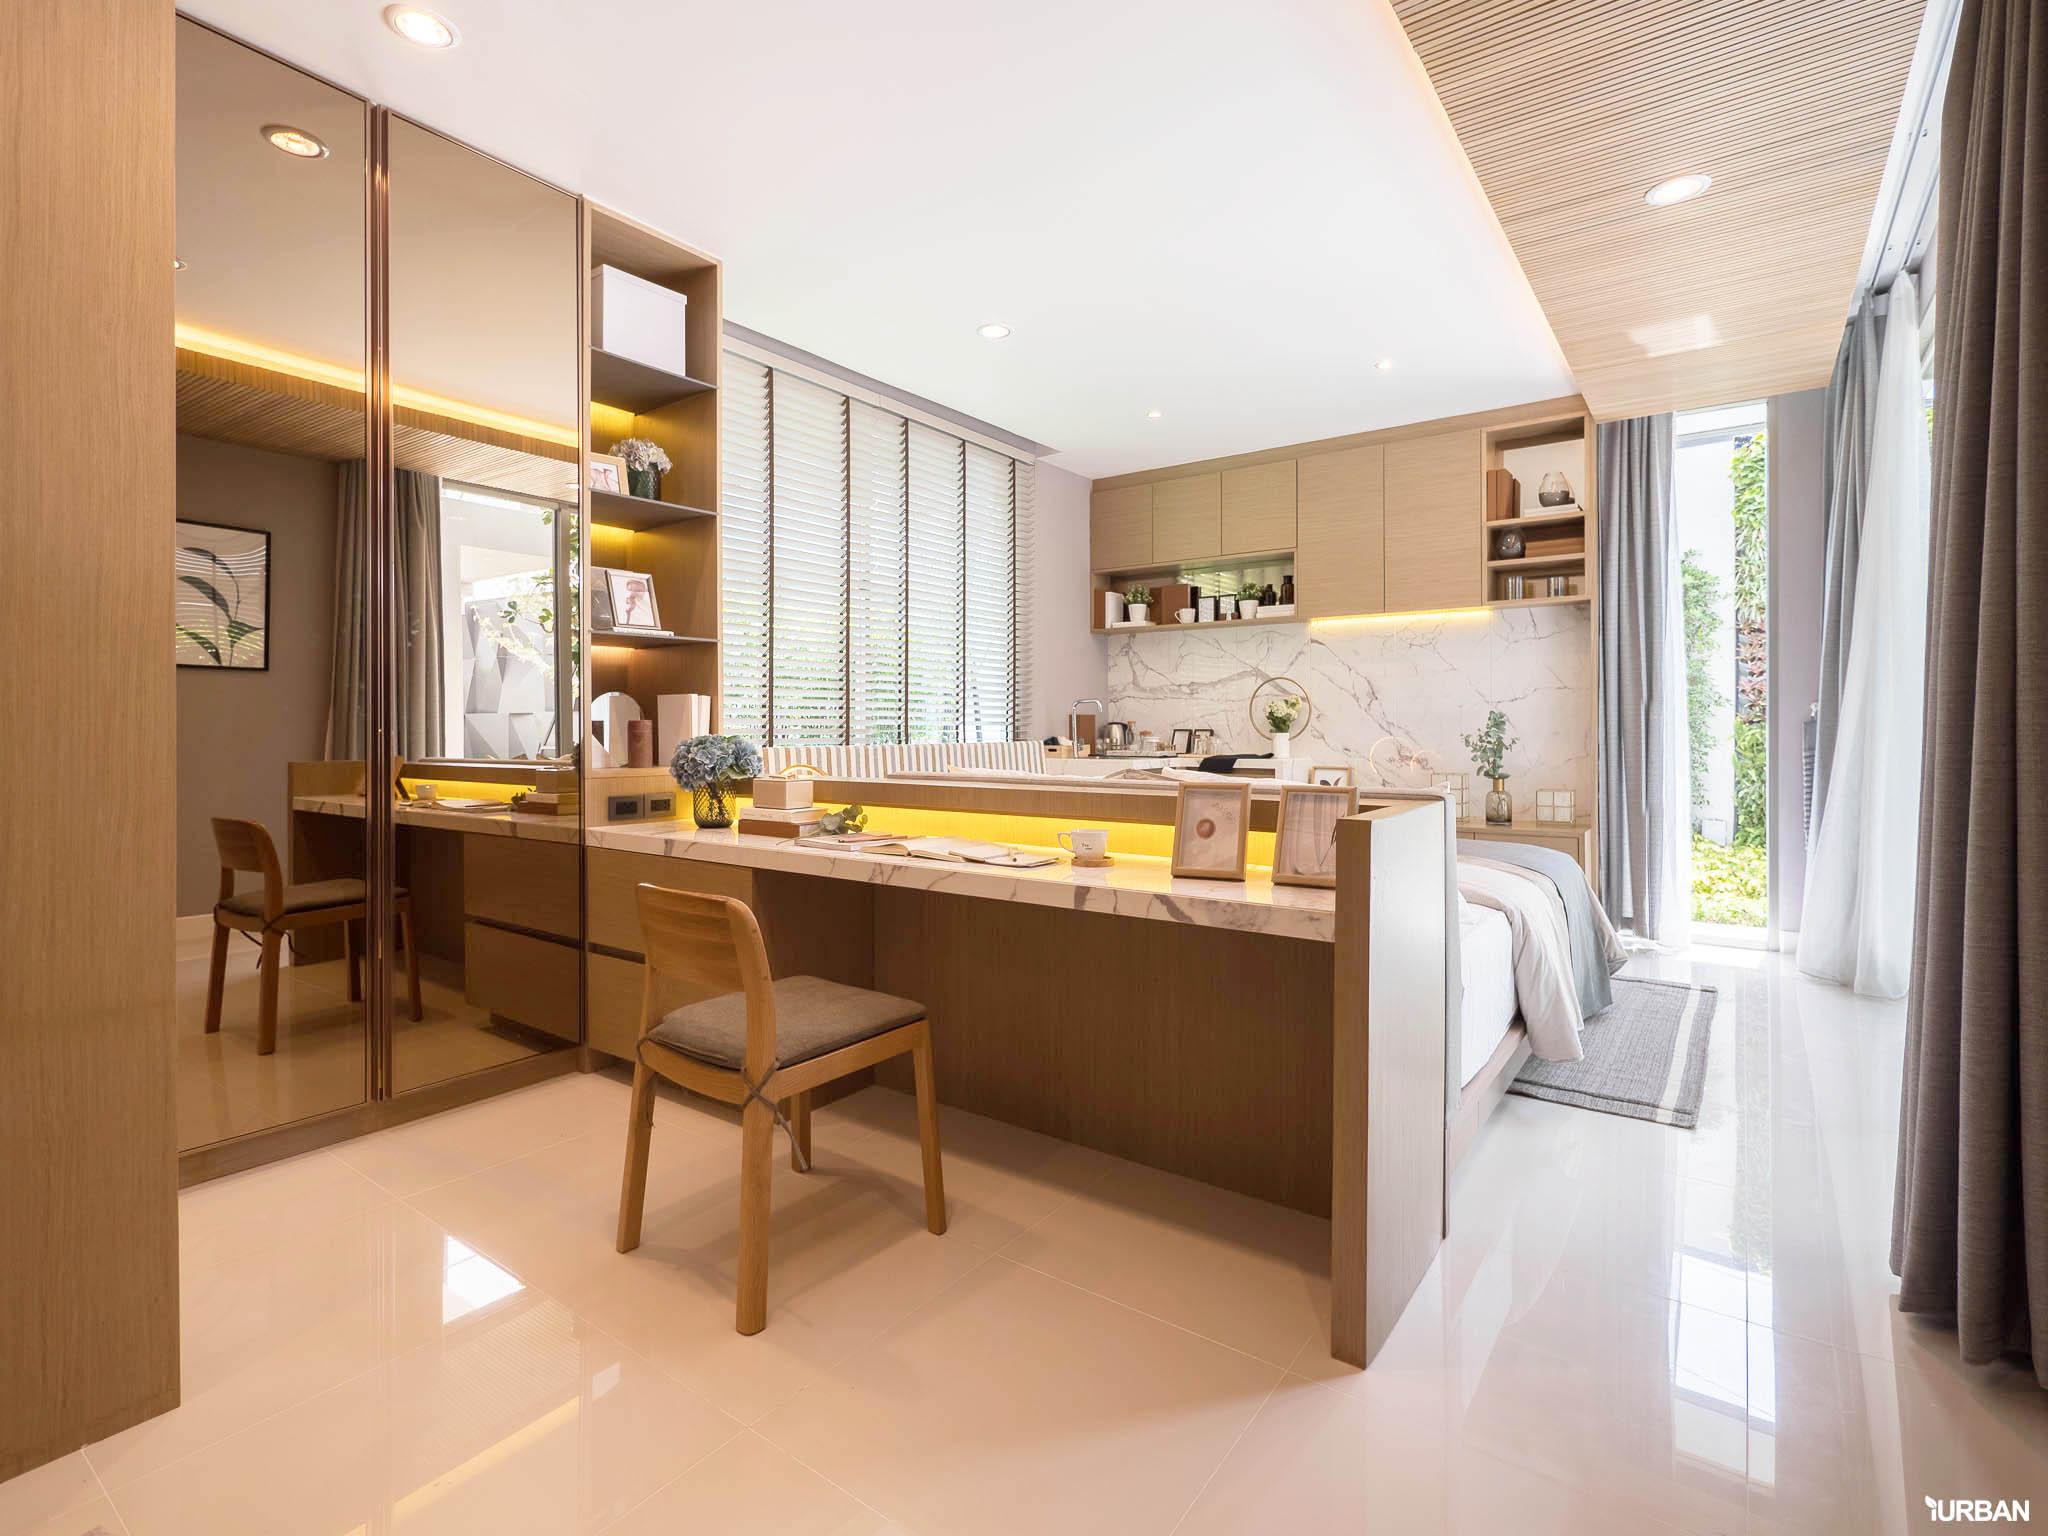 รีวิว Nirvana BEYOND Udonthani บ้านเดี่ยว 3 ชั้น ดีไซน์บิดสุดโมเดิร์น บนที่ดินสุดท้ายหน้าหนองประจักษ์ 49 - Luxury